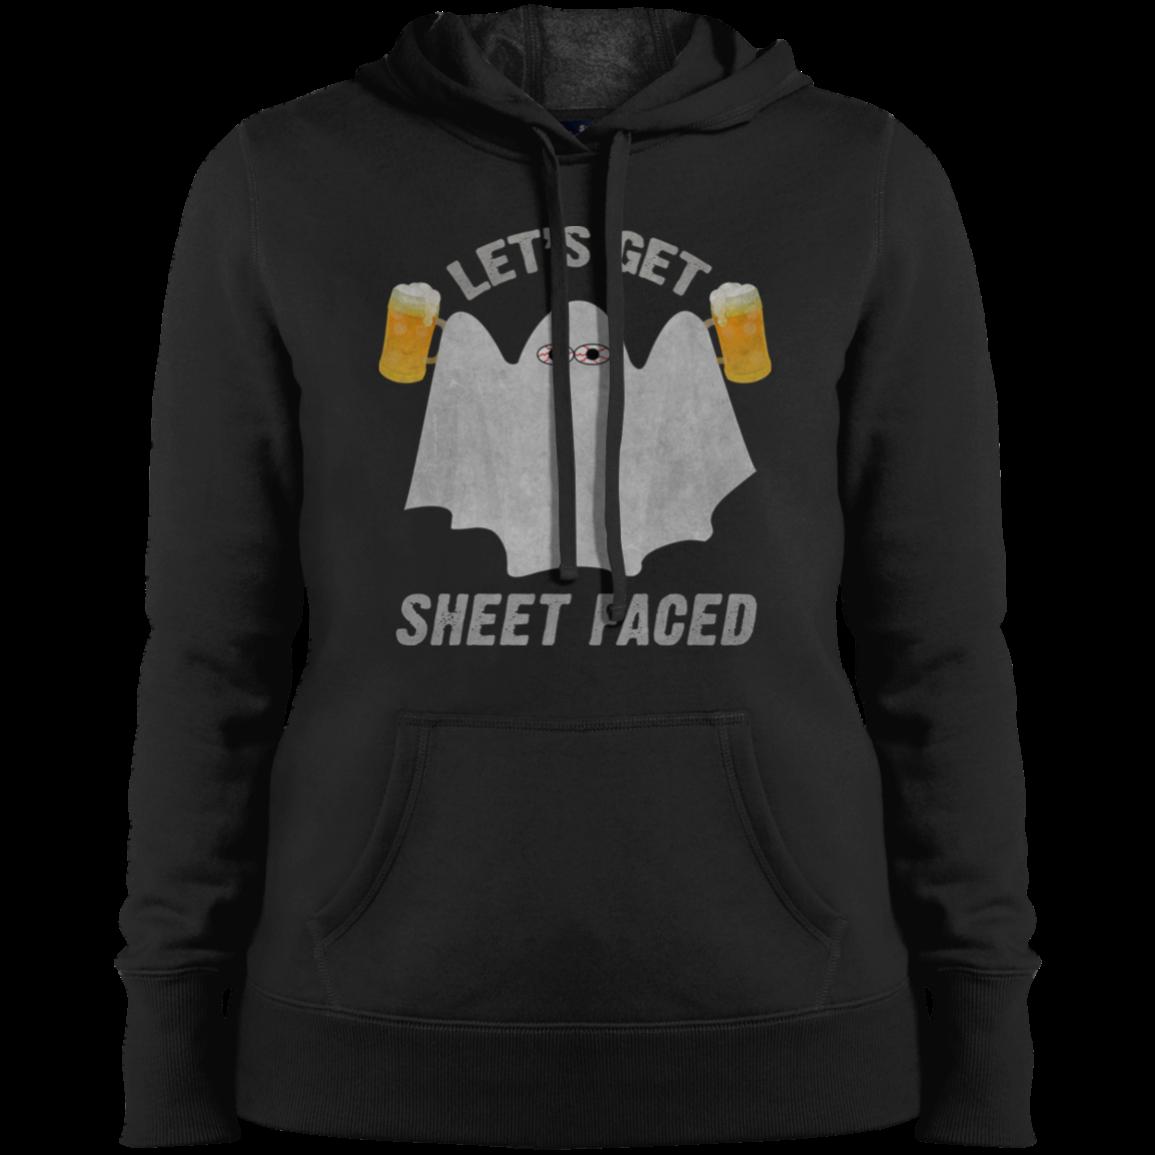 ladies get sheet faced halloween hoodie